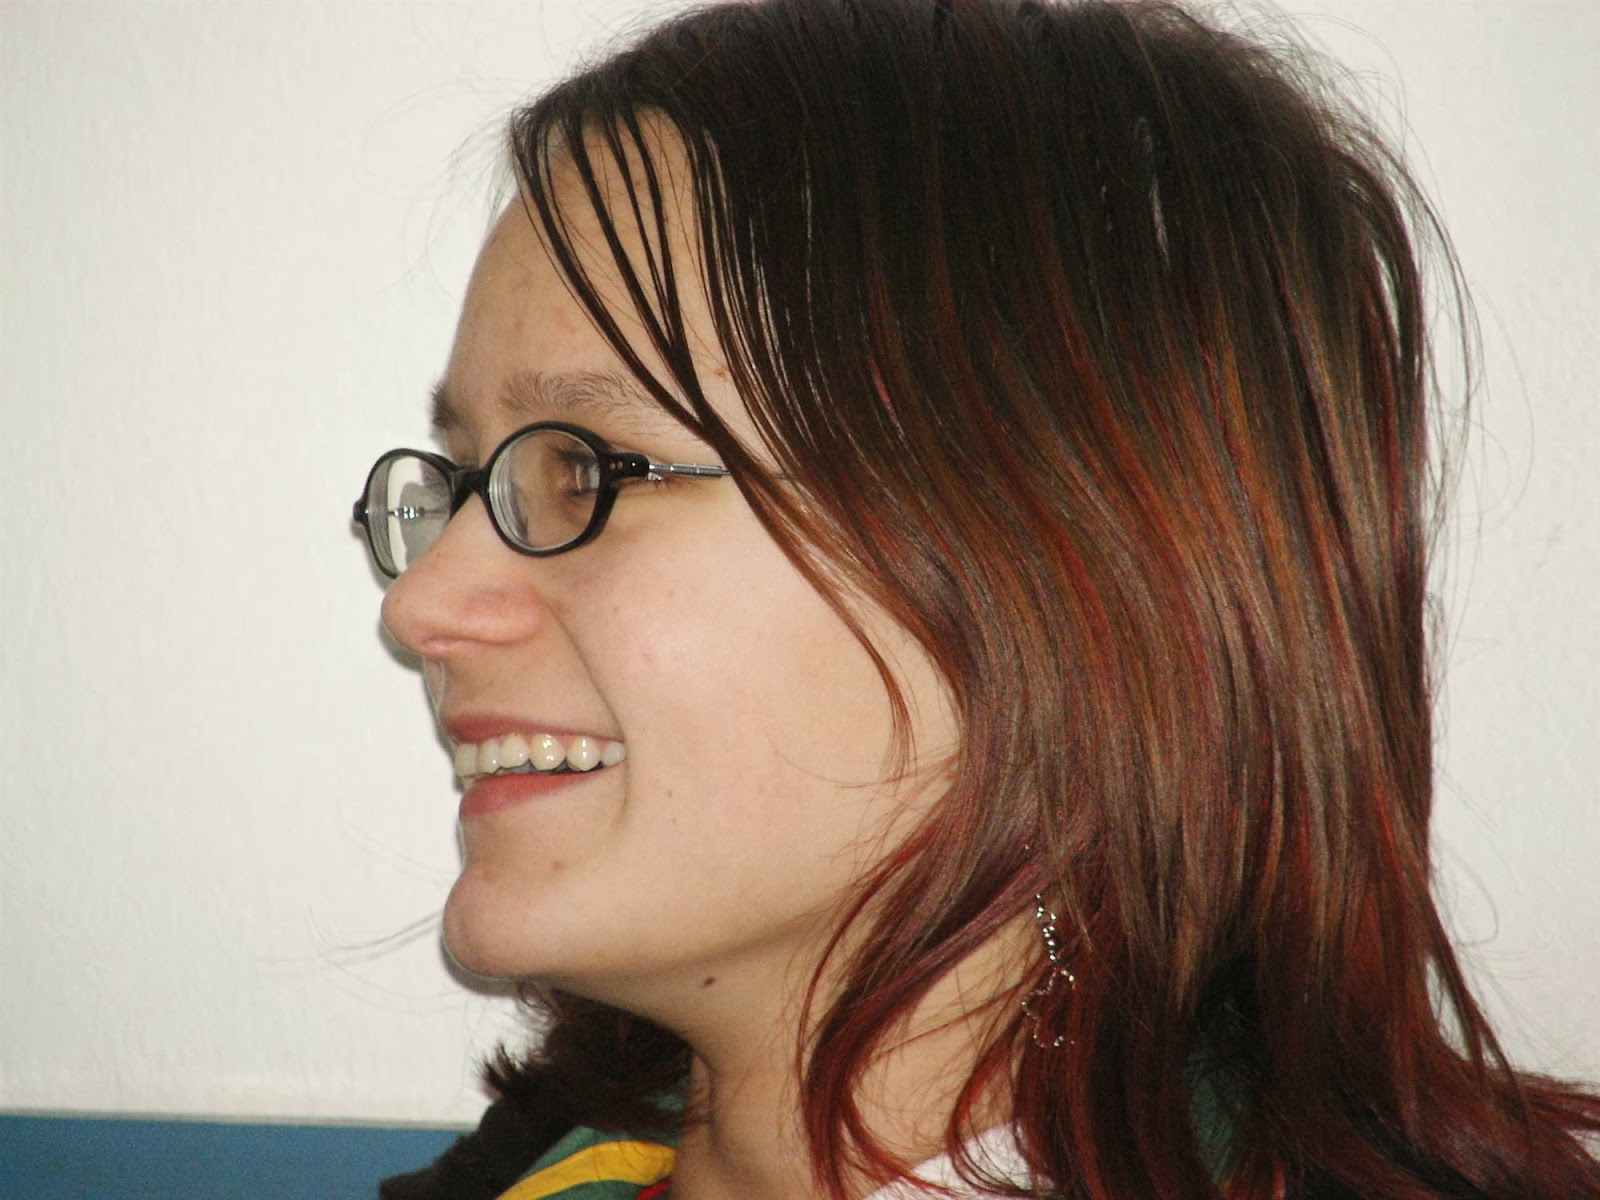 Motivacijski vikend, Strunjan 2005 - KIF_2127.JPG